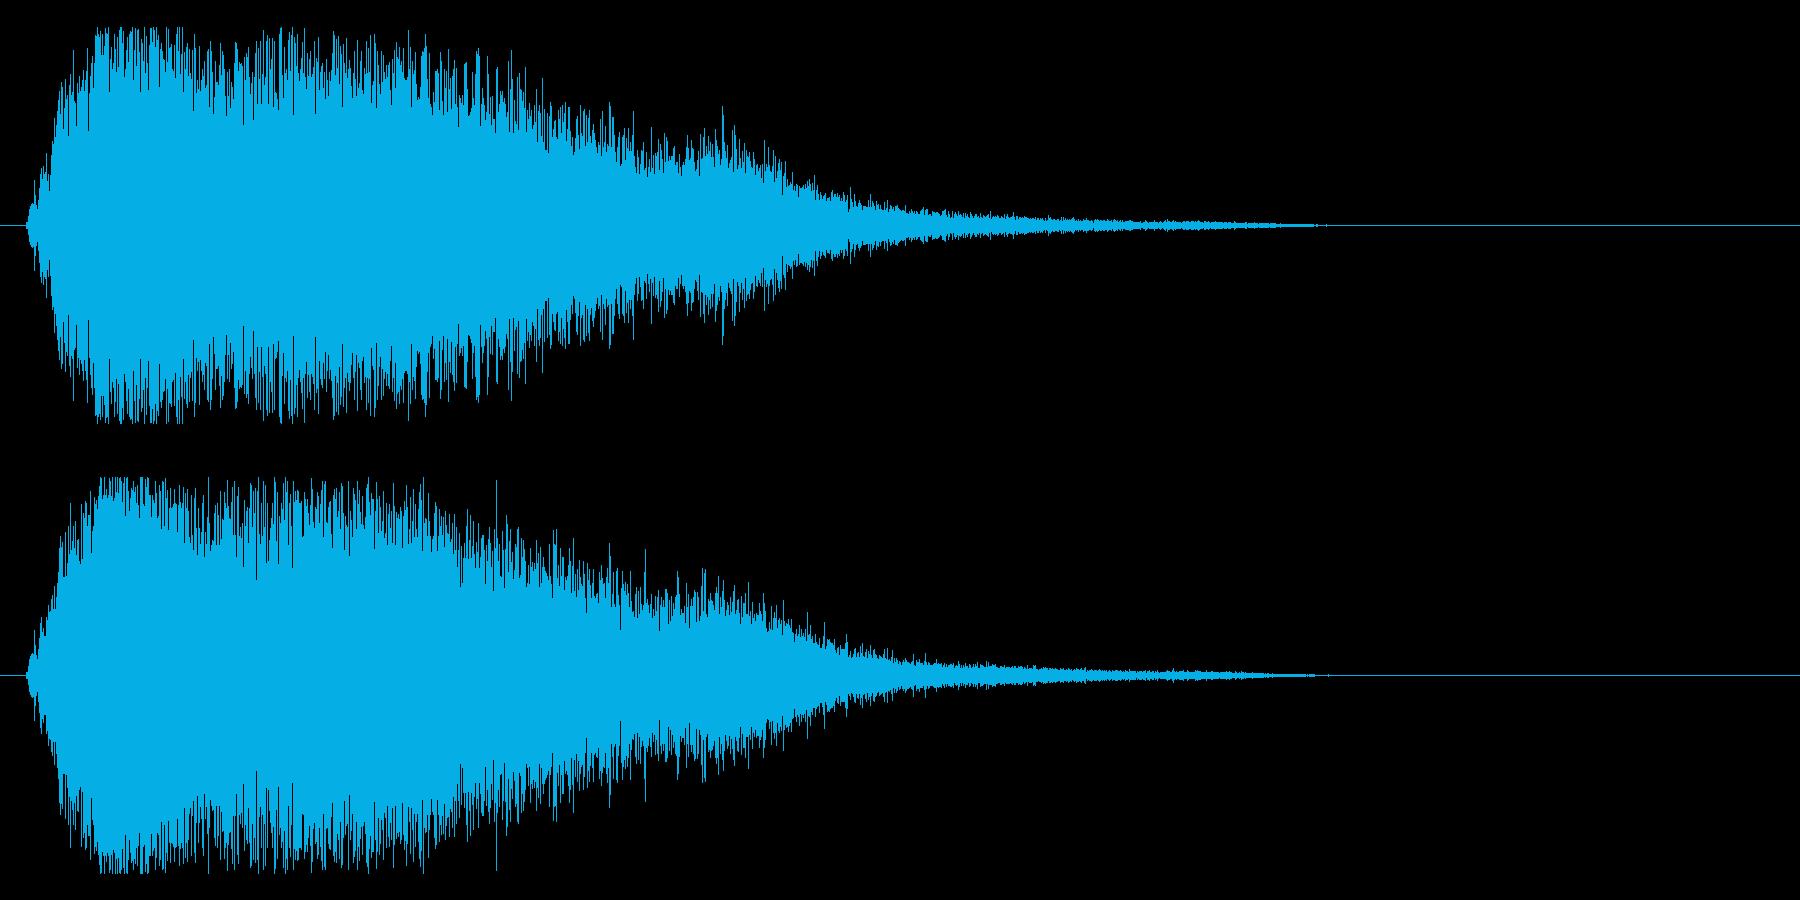 水に飛び込んだ 飛び込む時の効果音!05の再生済みの波形